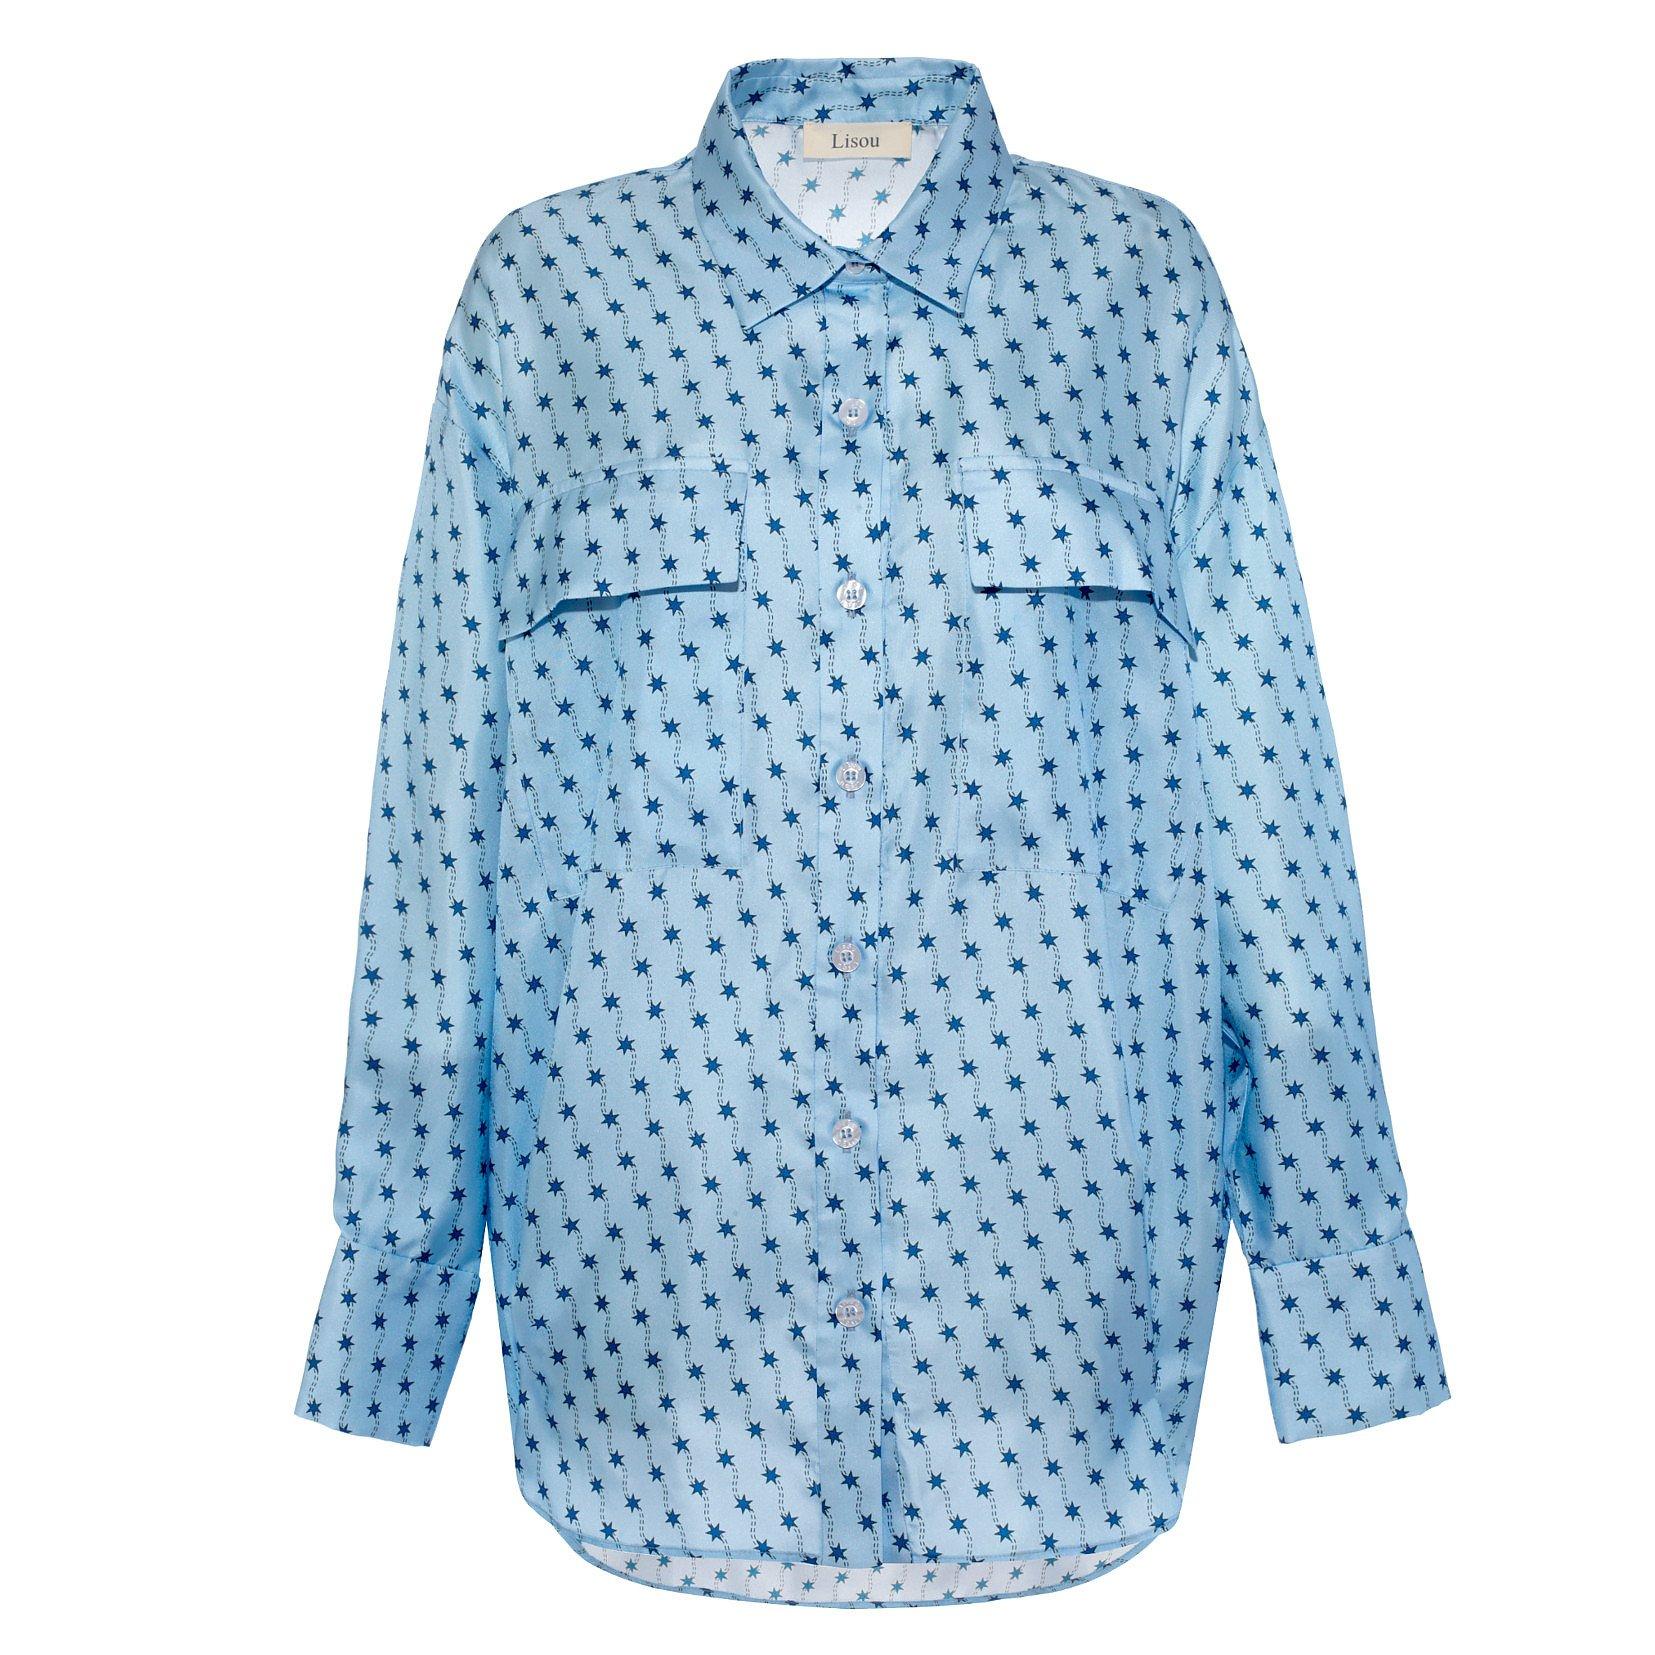 Lisou Alanna Shooting Star Print Shirt